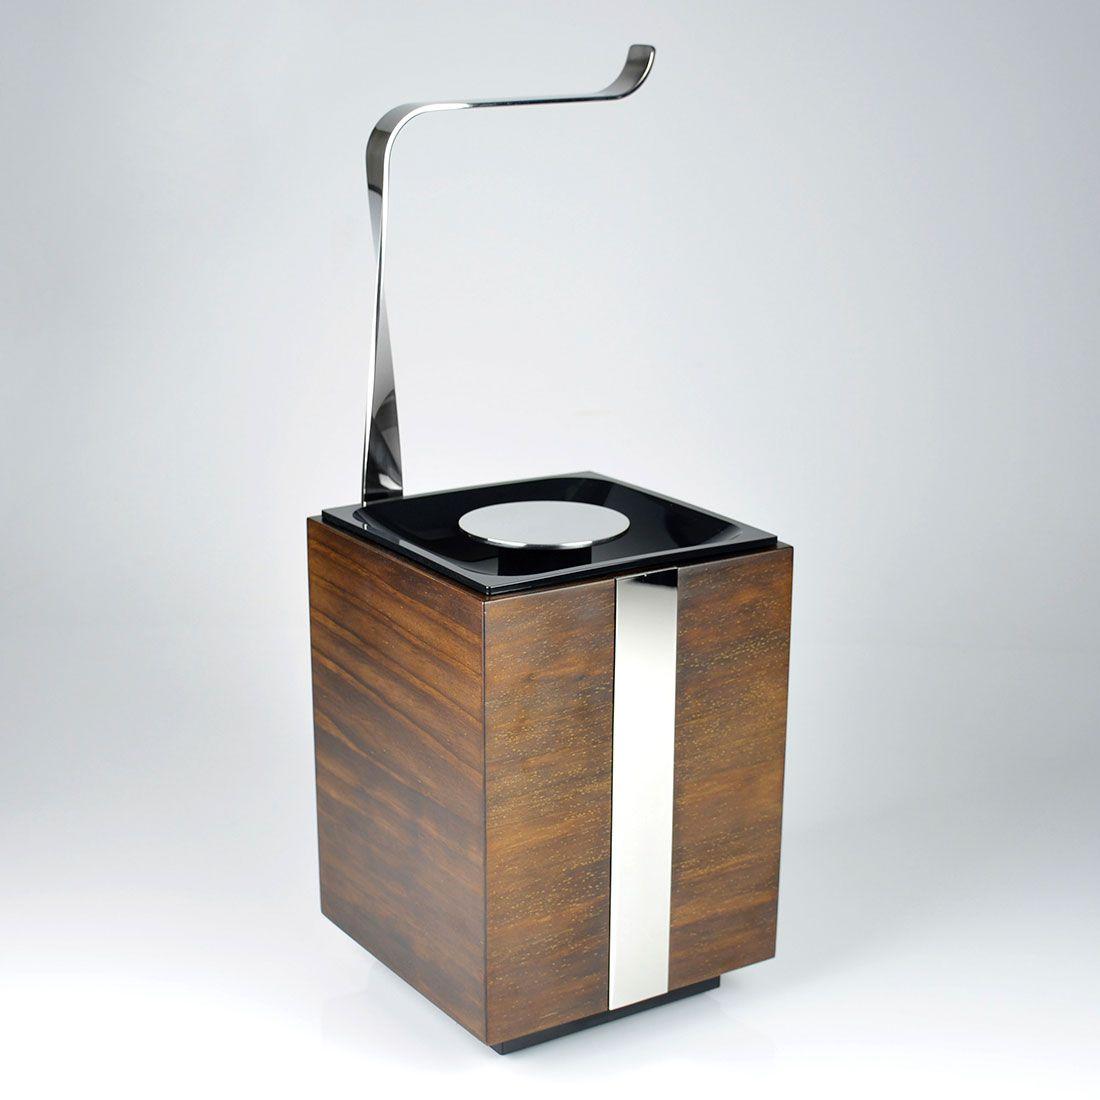 Papeleira de Chão com Lixeira 5 Litros Oriente Wood para Banheiros e Lavabos